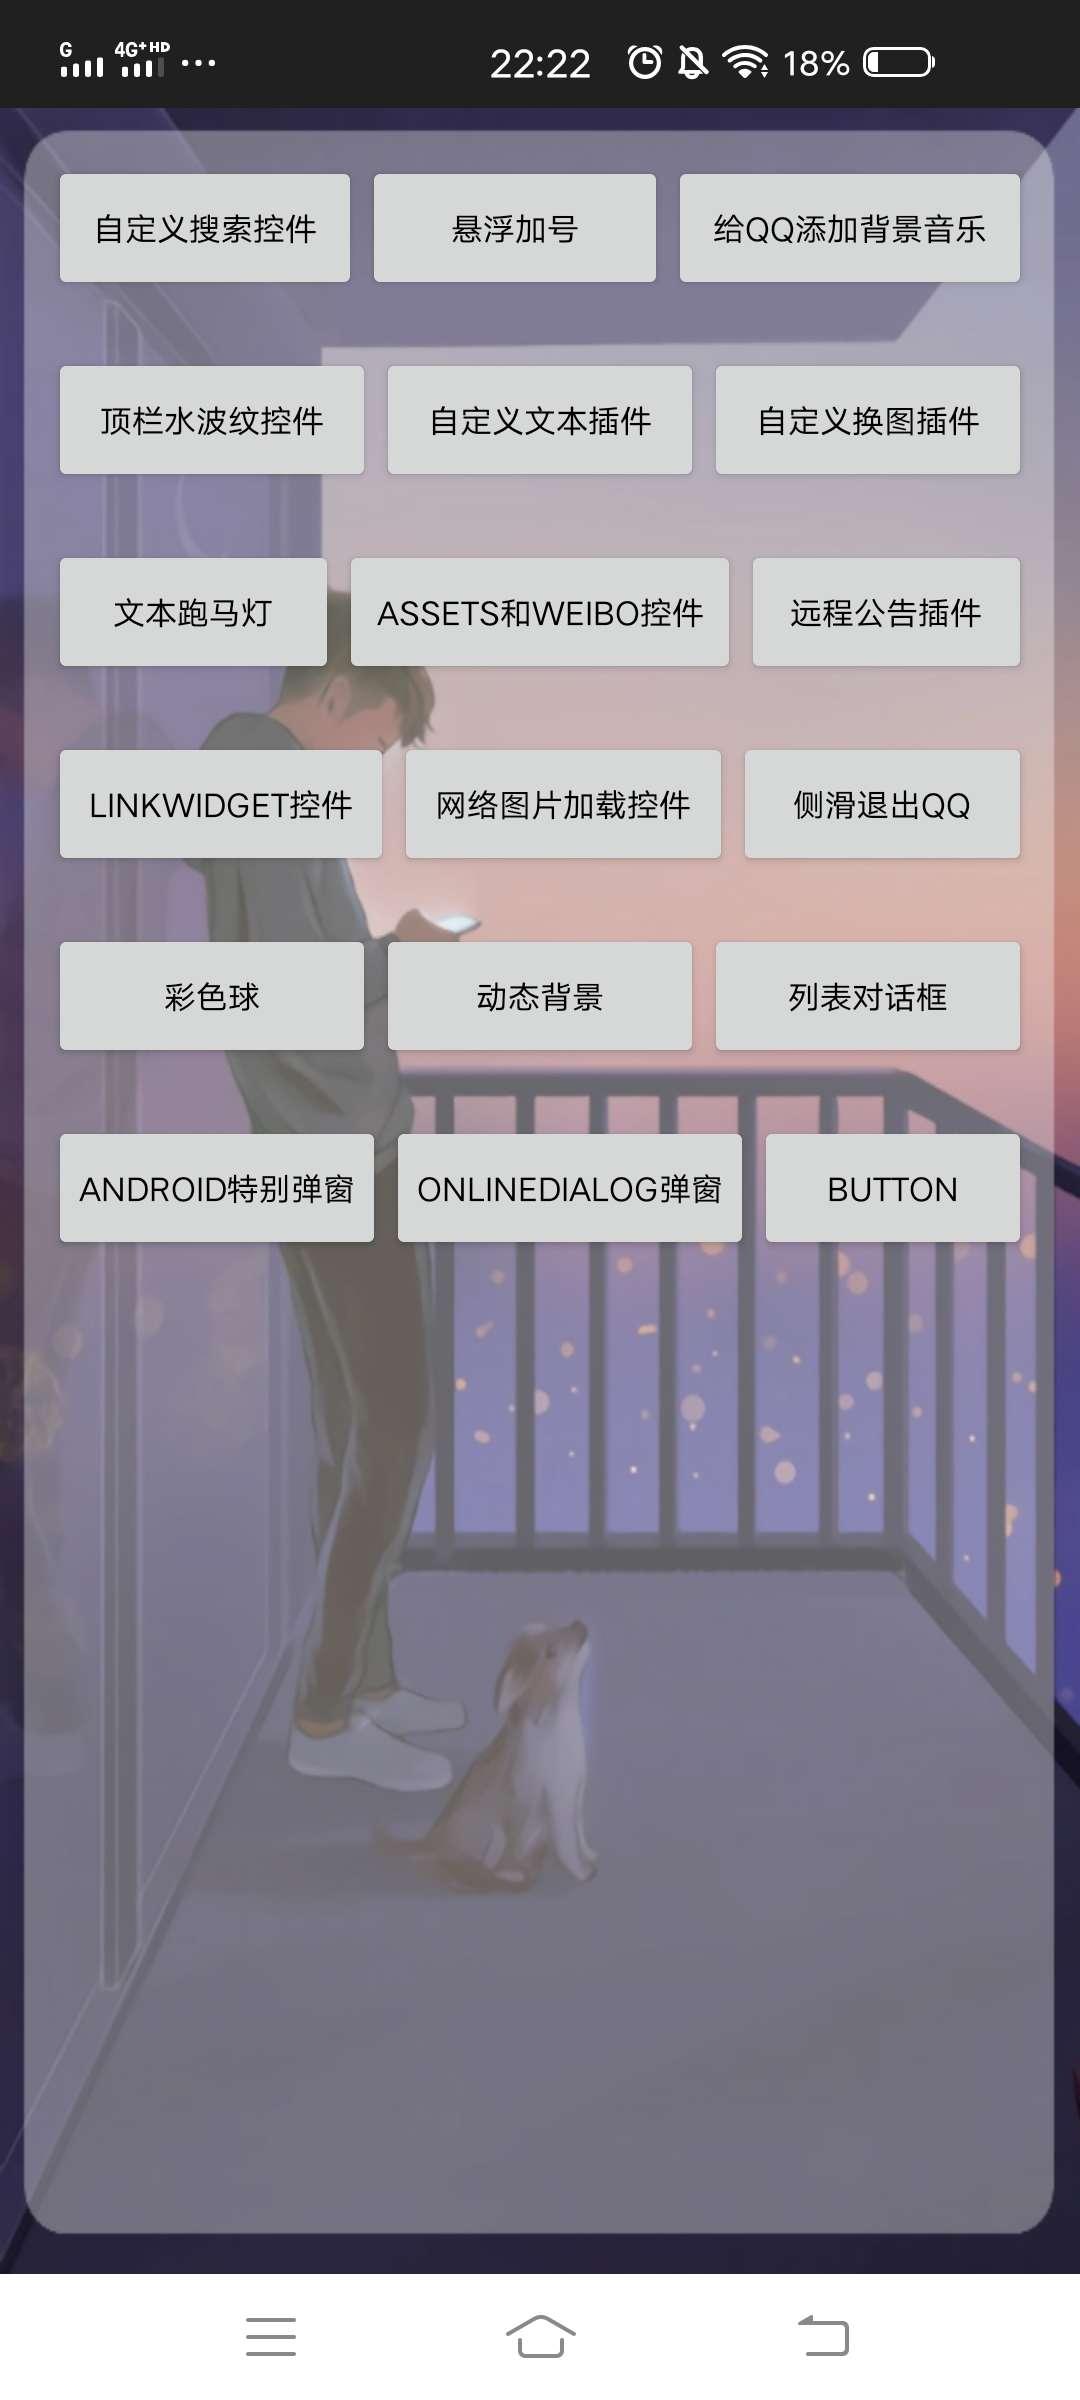 「原创分享」墨韩QQ美化盒子_1.0 只有教程 没有成品!